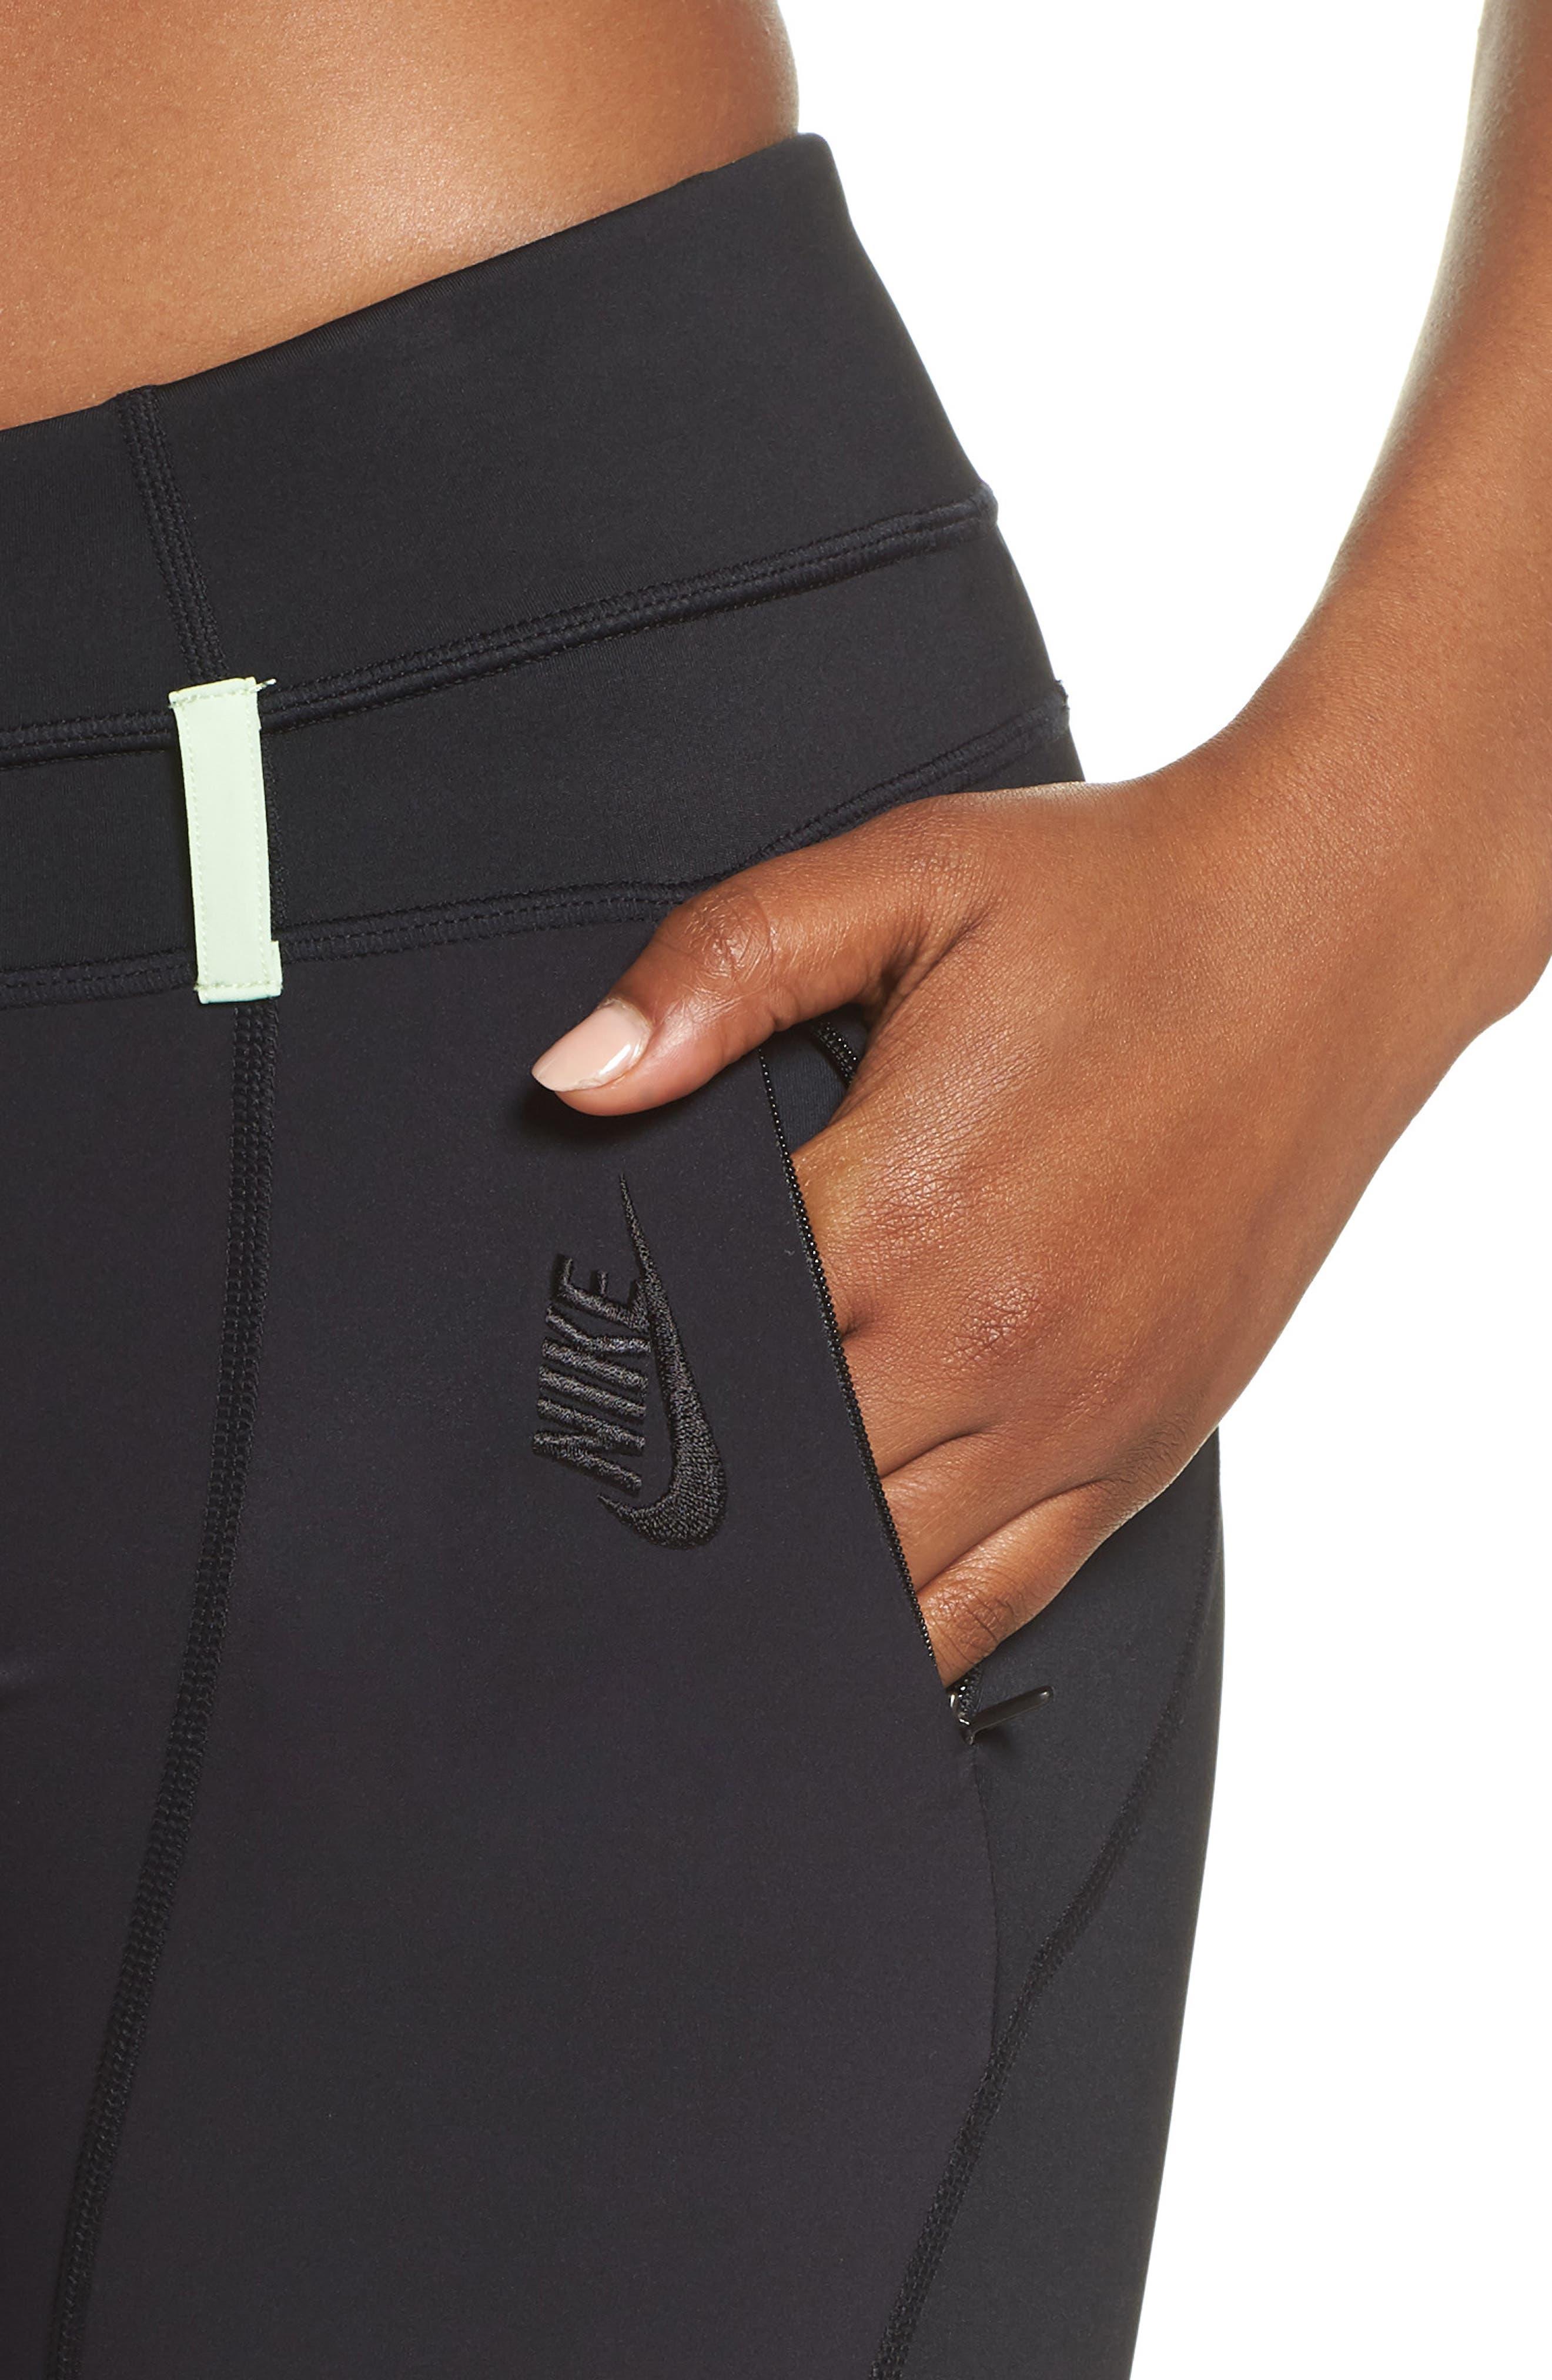 NRG Women's Dri-FIT Tights,                             Alternate thumbnail 4, color,                             BLACK/ VAPOR GREEN/ BLACK